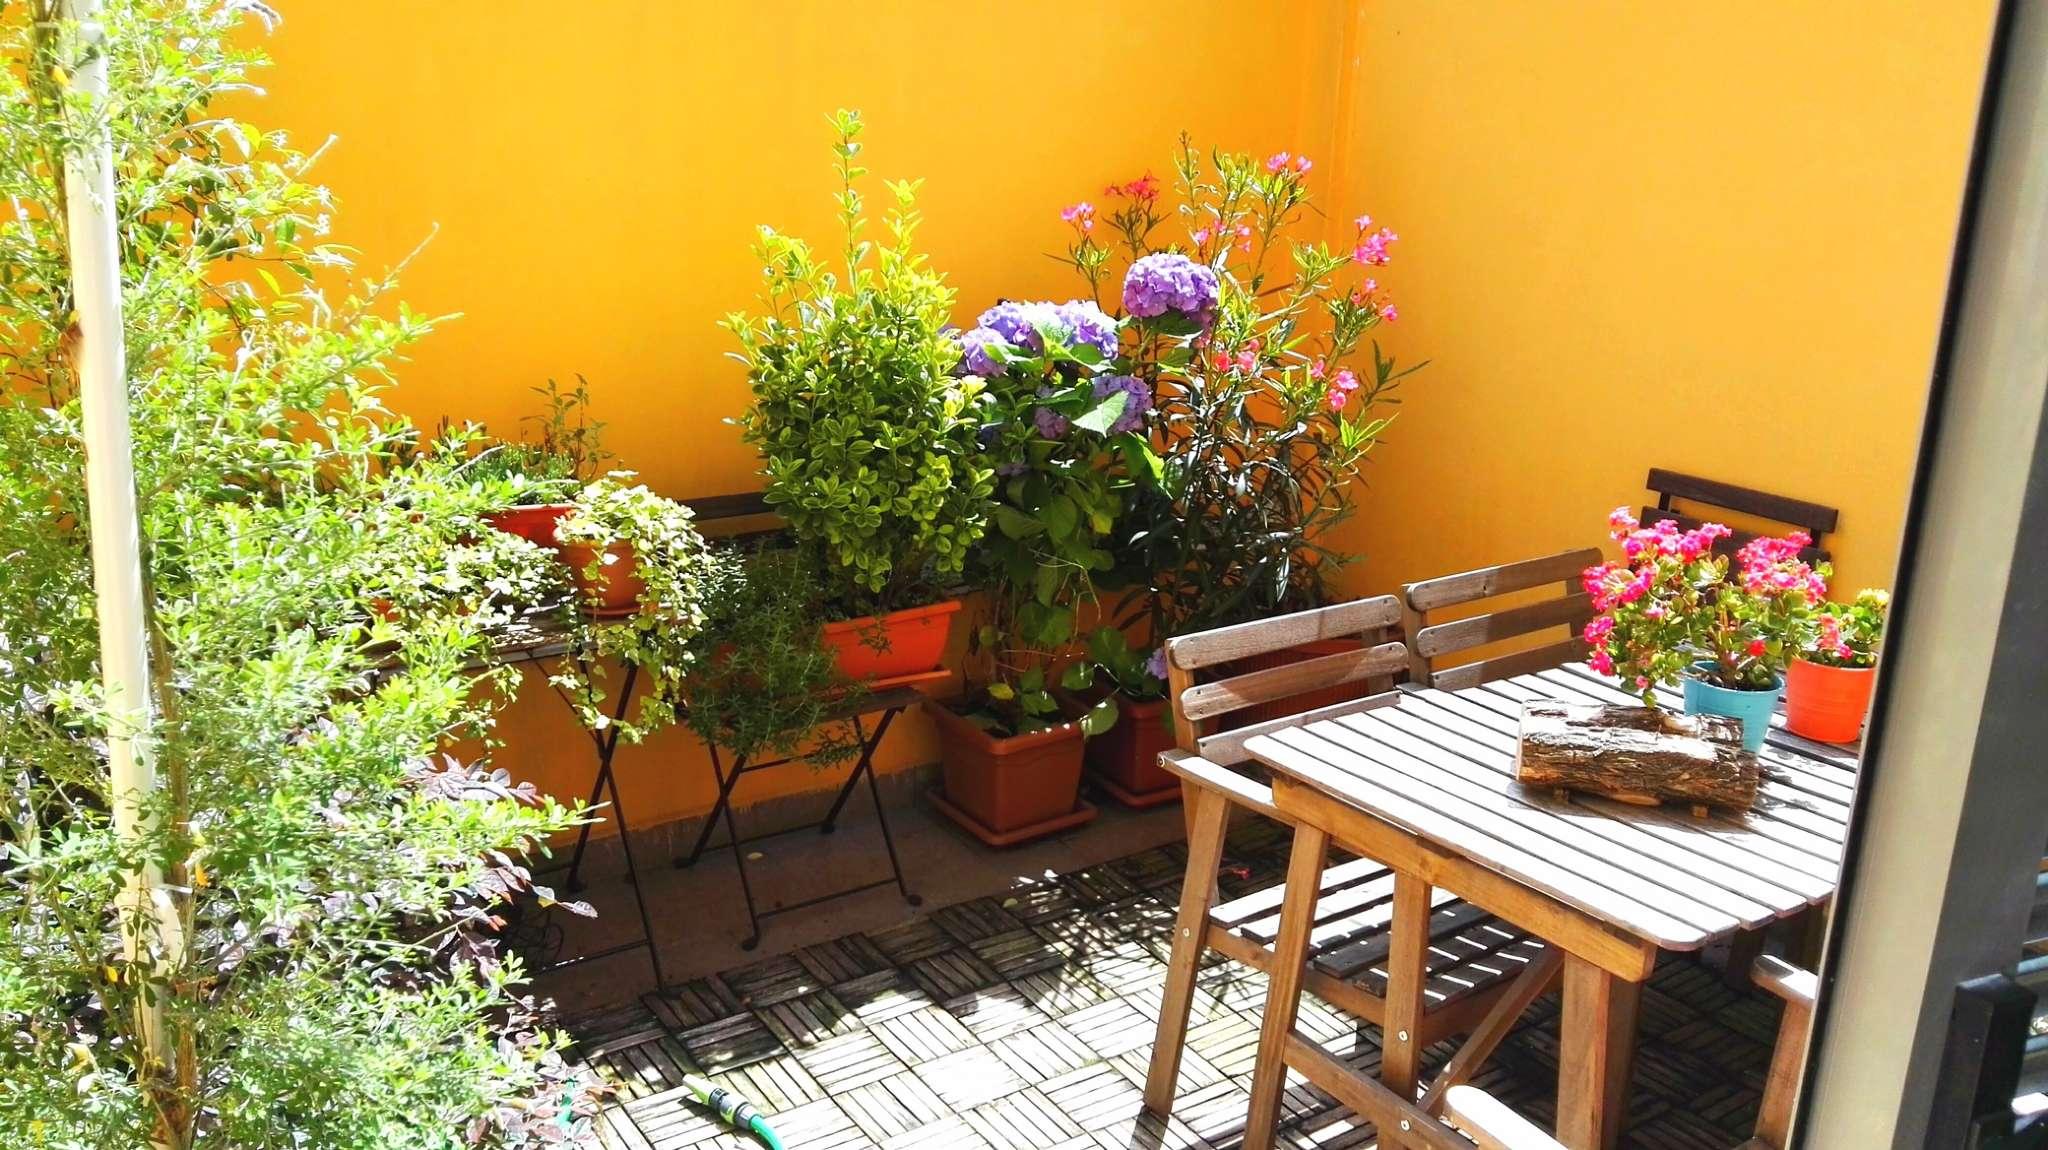 Soluzione Indipendente in affitto a Milano, 2 locali, zona Zona: 19 . Affori, Bovisa, Niguarda, Testi, Dergano, Comasina, prezzo € 650 | Cambio Casa.it